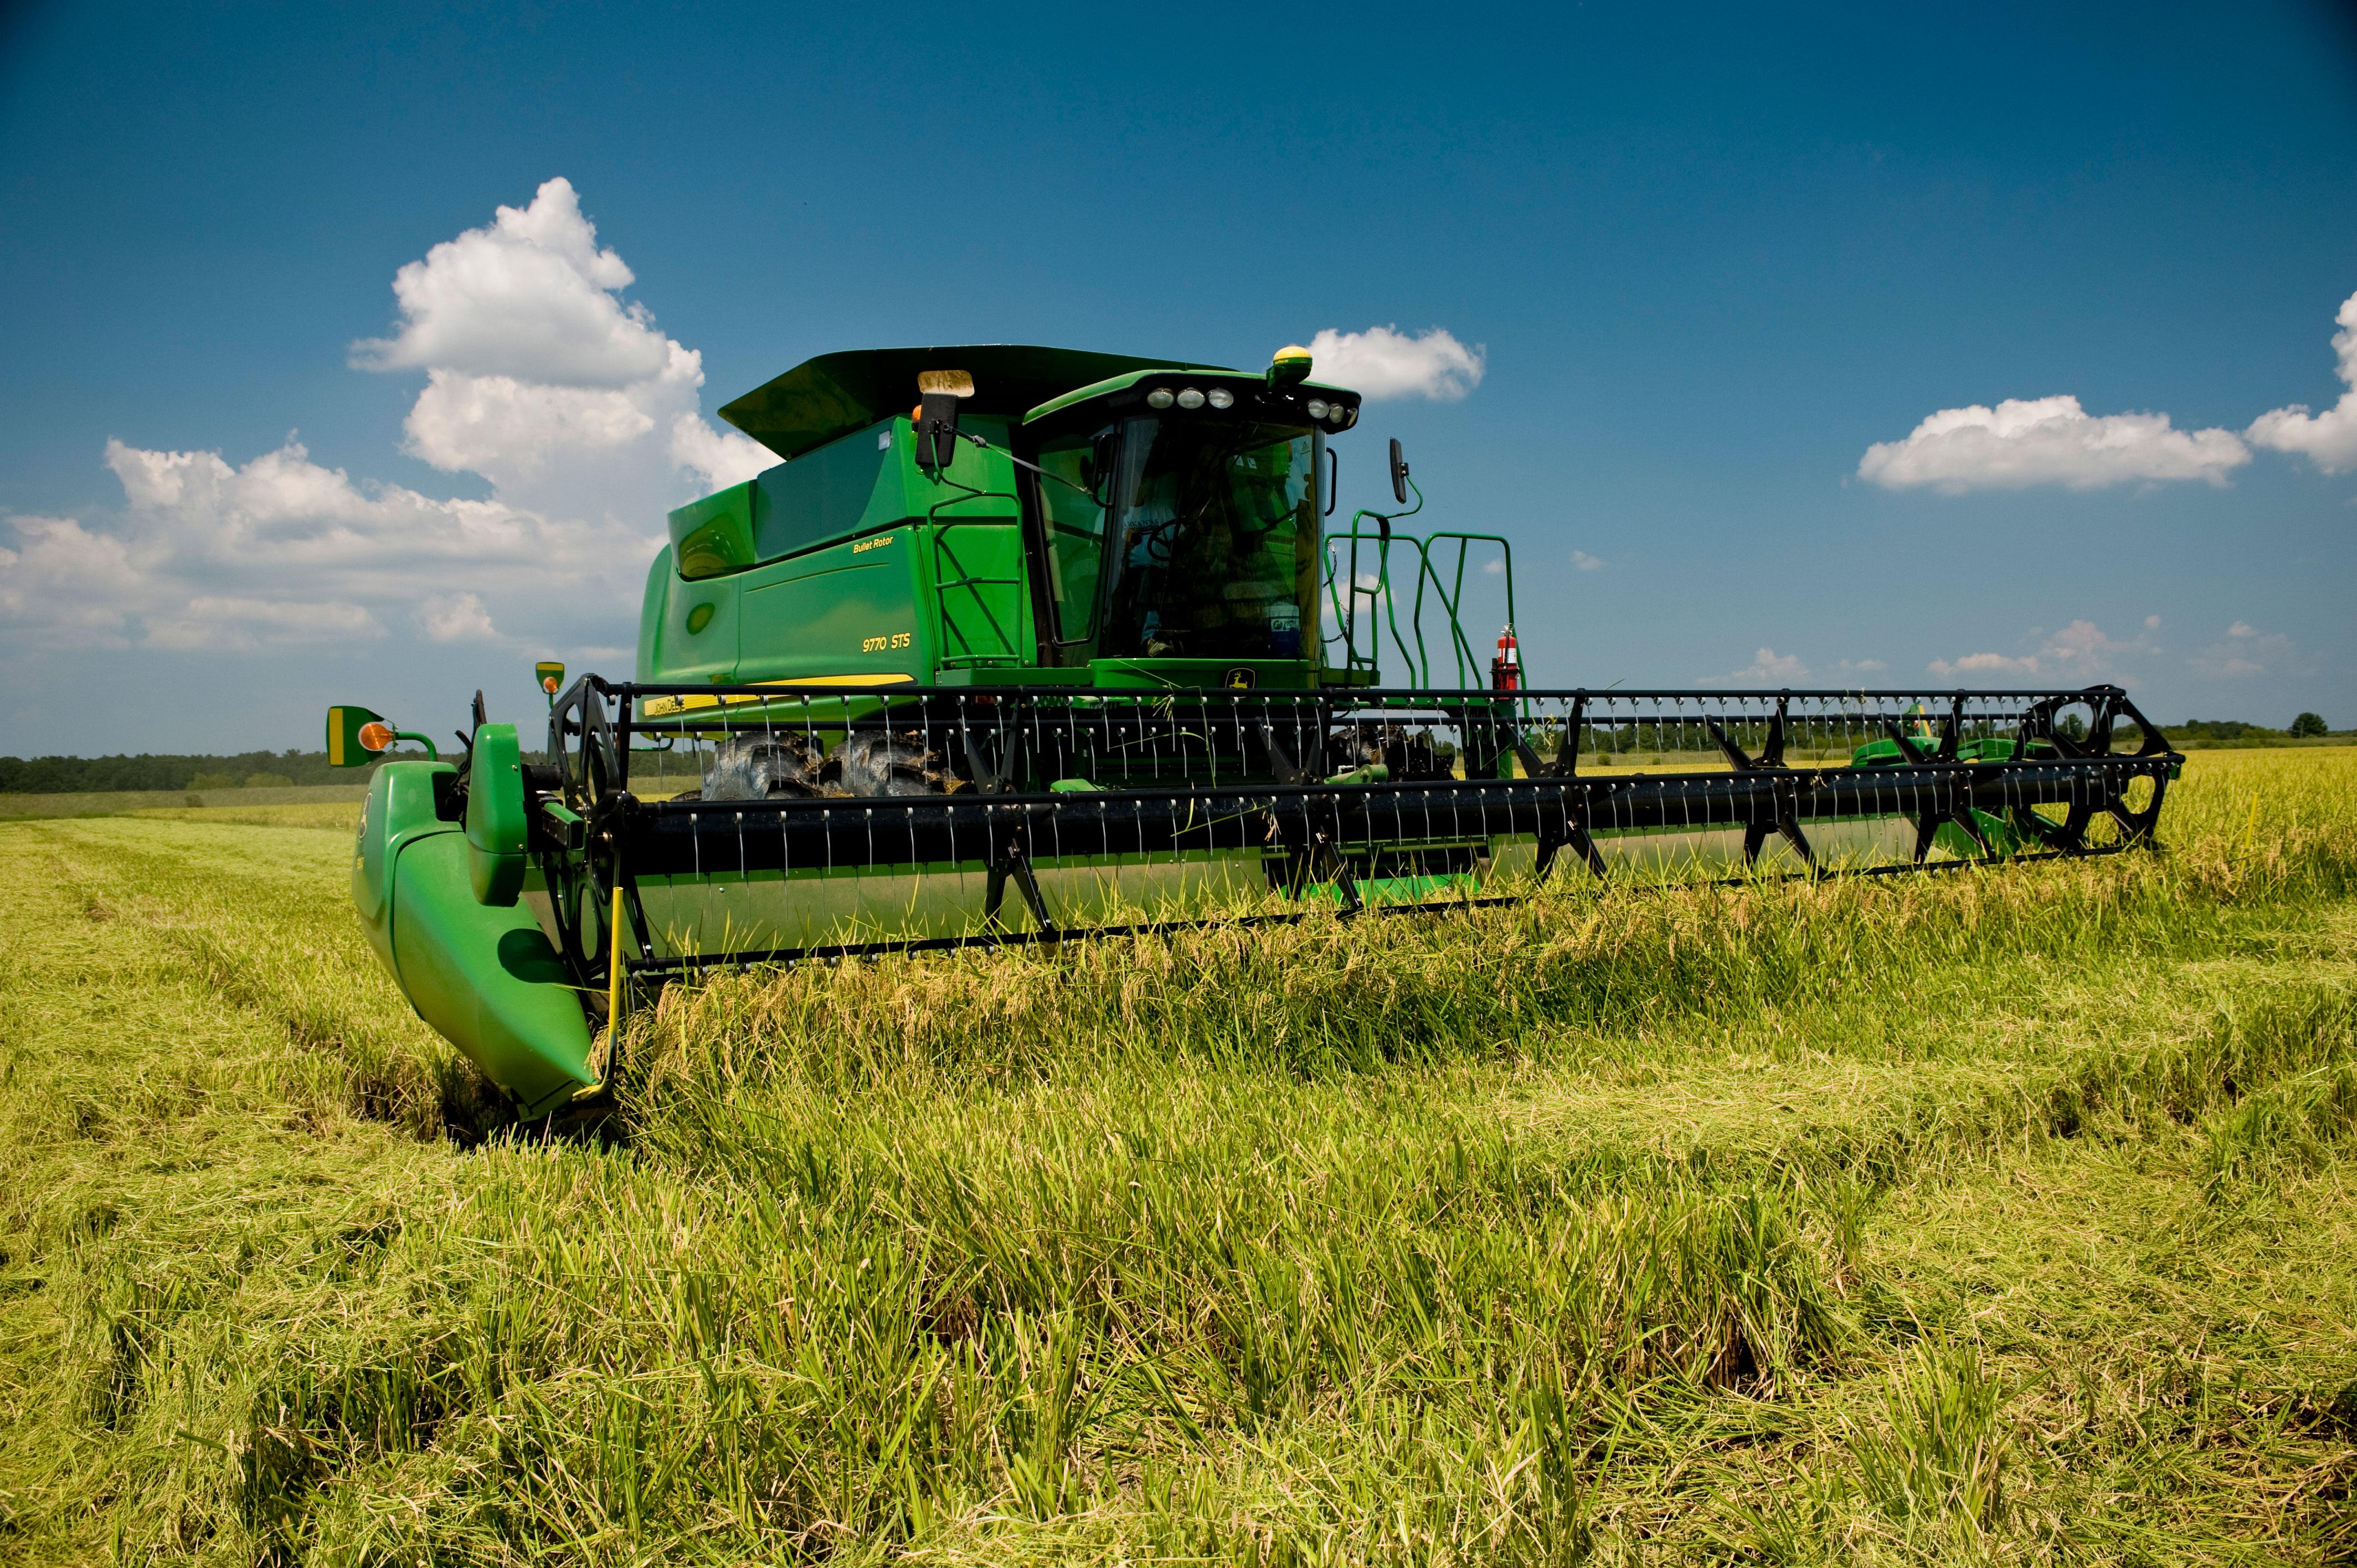 Green John Deere combine harvesting rice